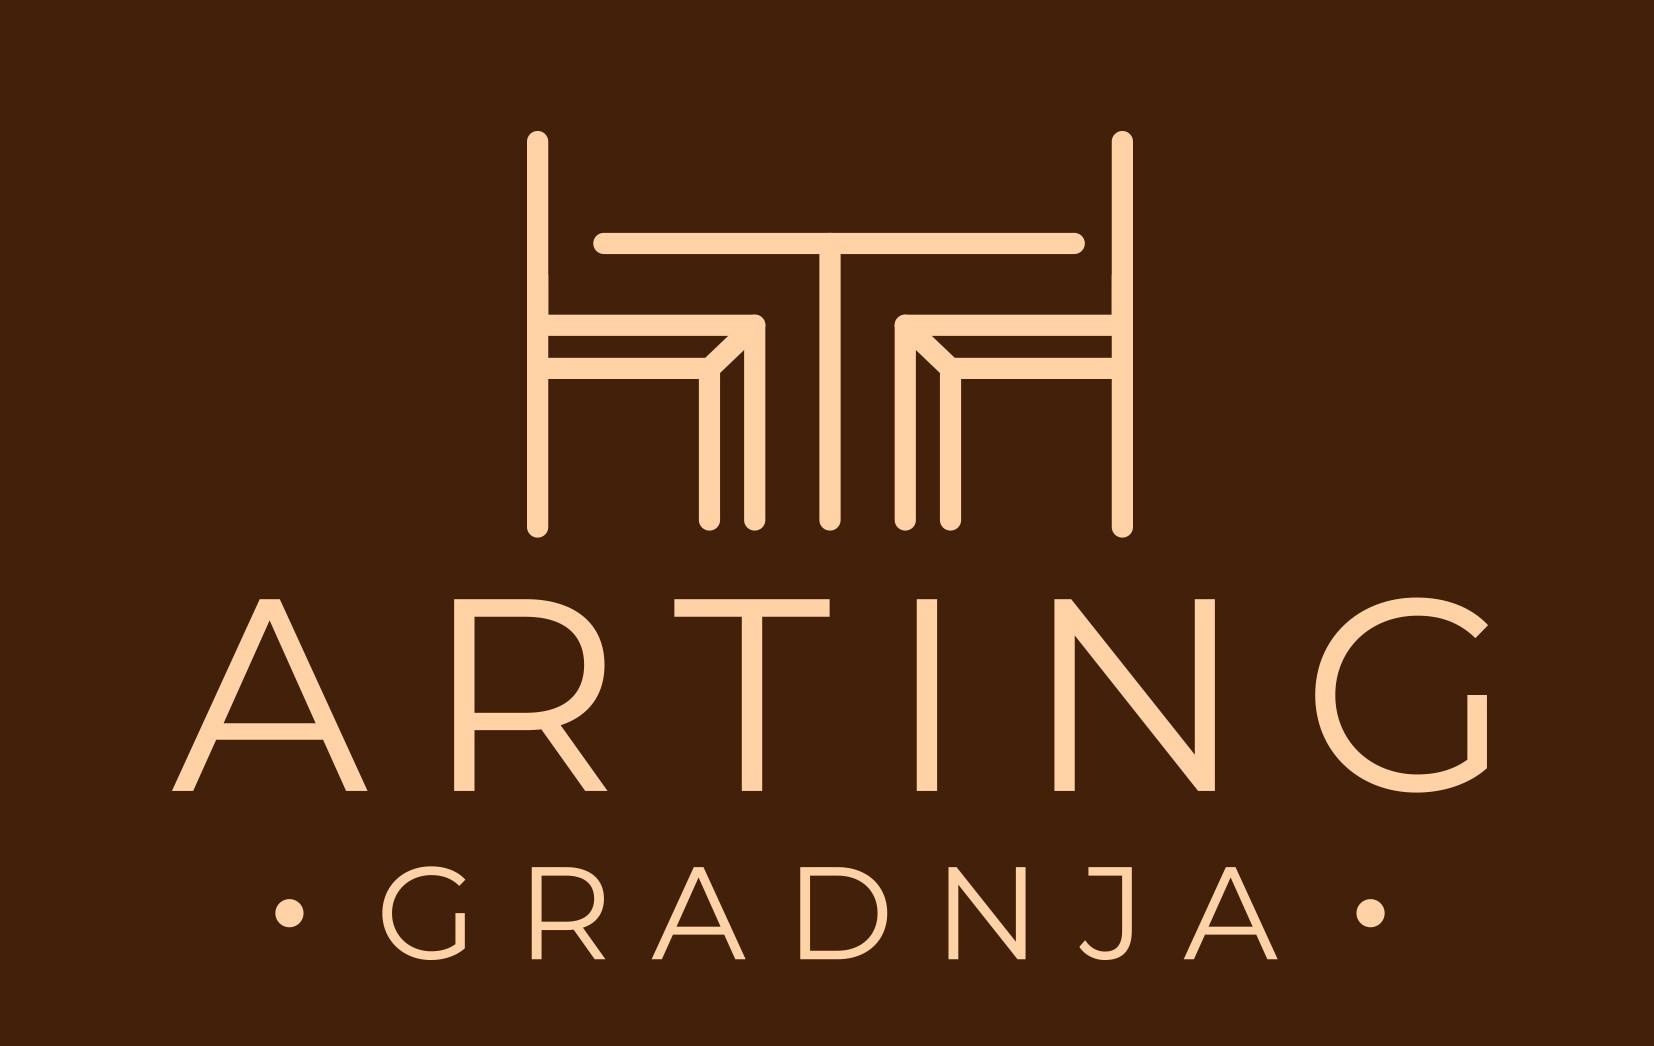 Arting Gradnja logo